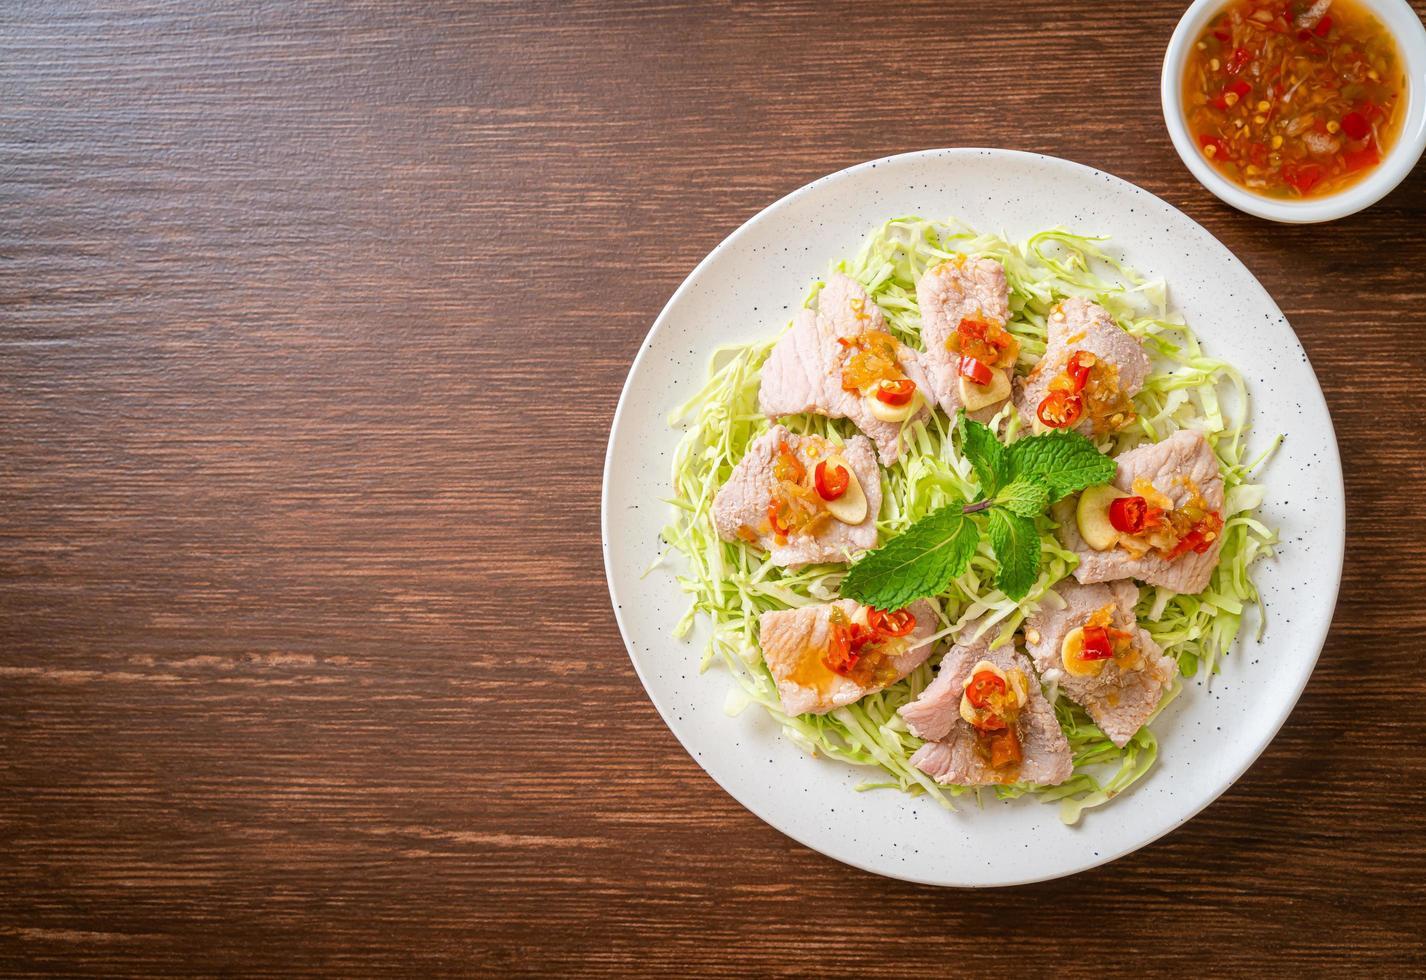 würziger Schweinesalat oder gekochtes Schweinefleisch mit Limetten-Knoblauch und Chilisauce foto